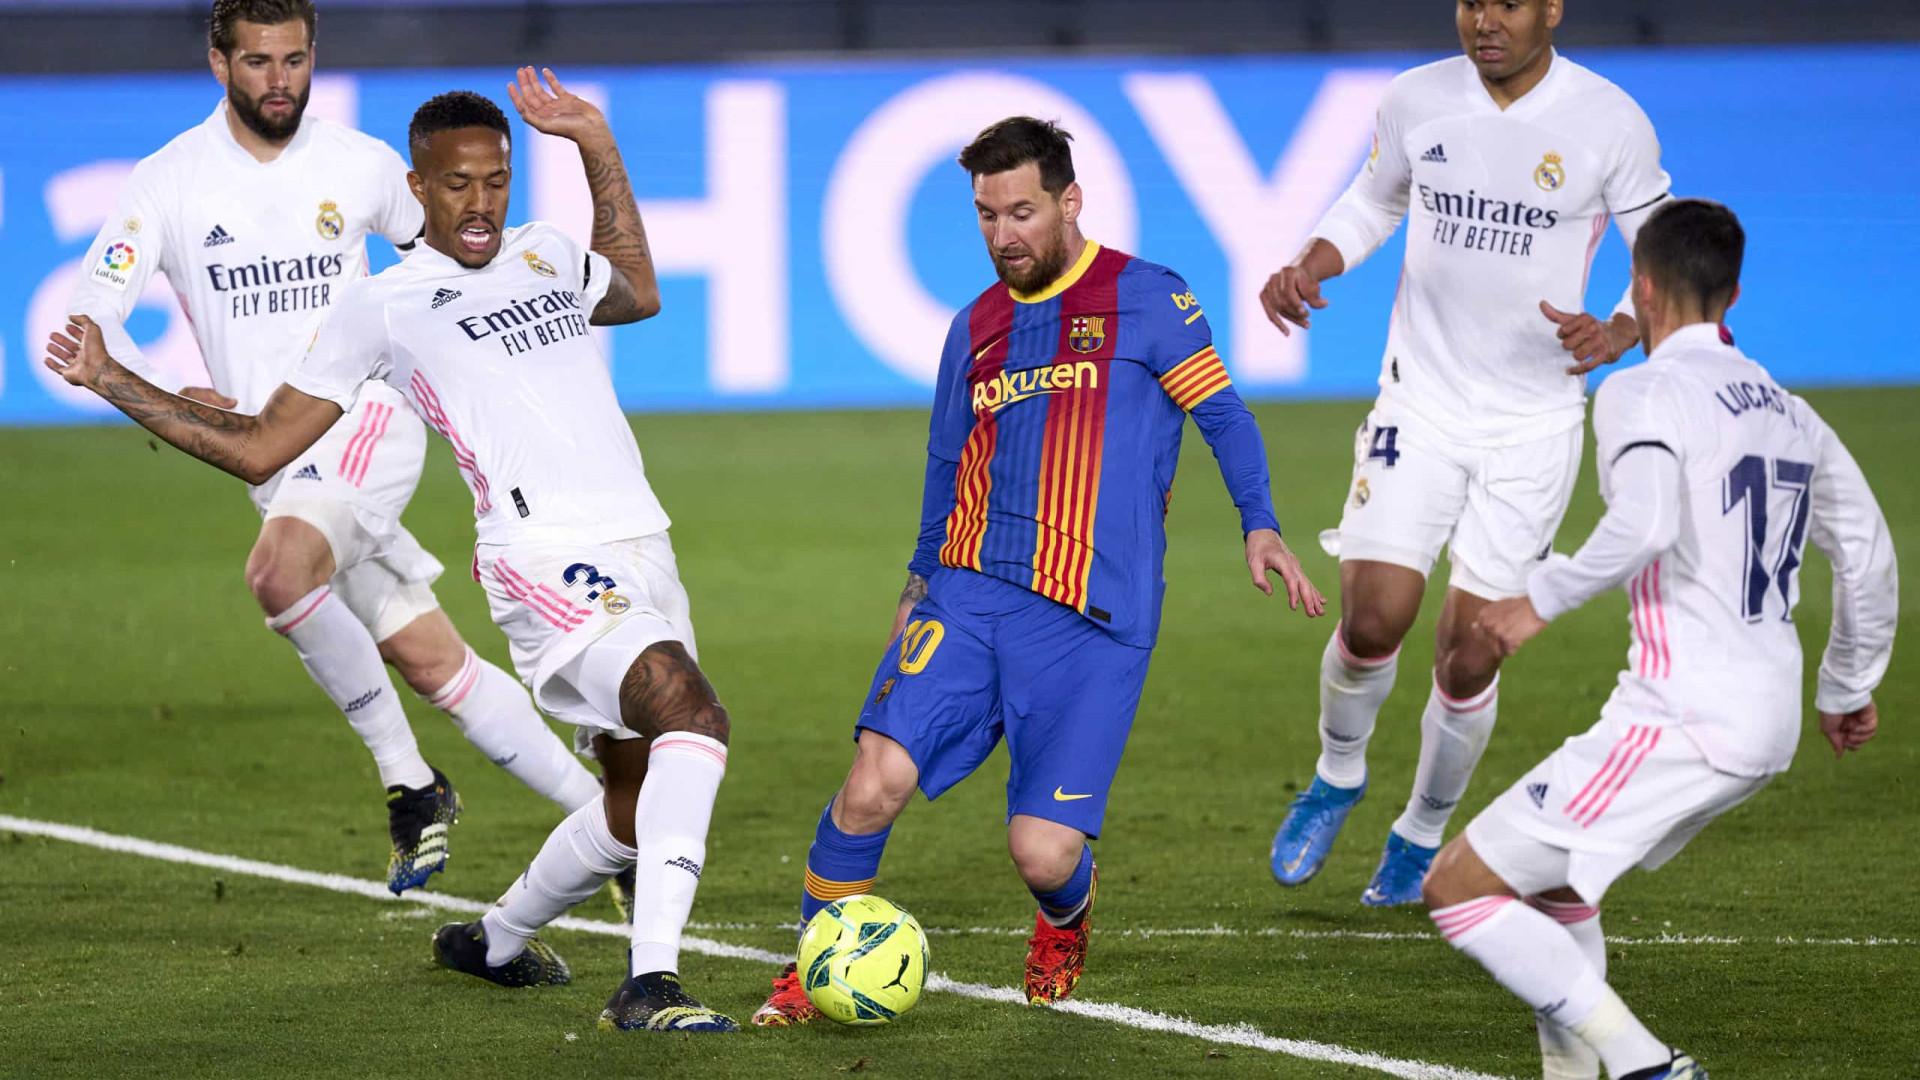 Real Madrid desbanca Barcelona, com Messi apagado, e dorme líder do Espanhol